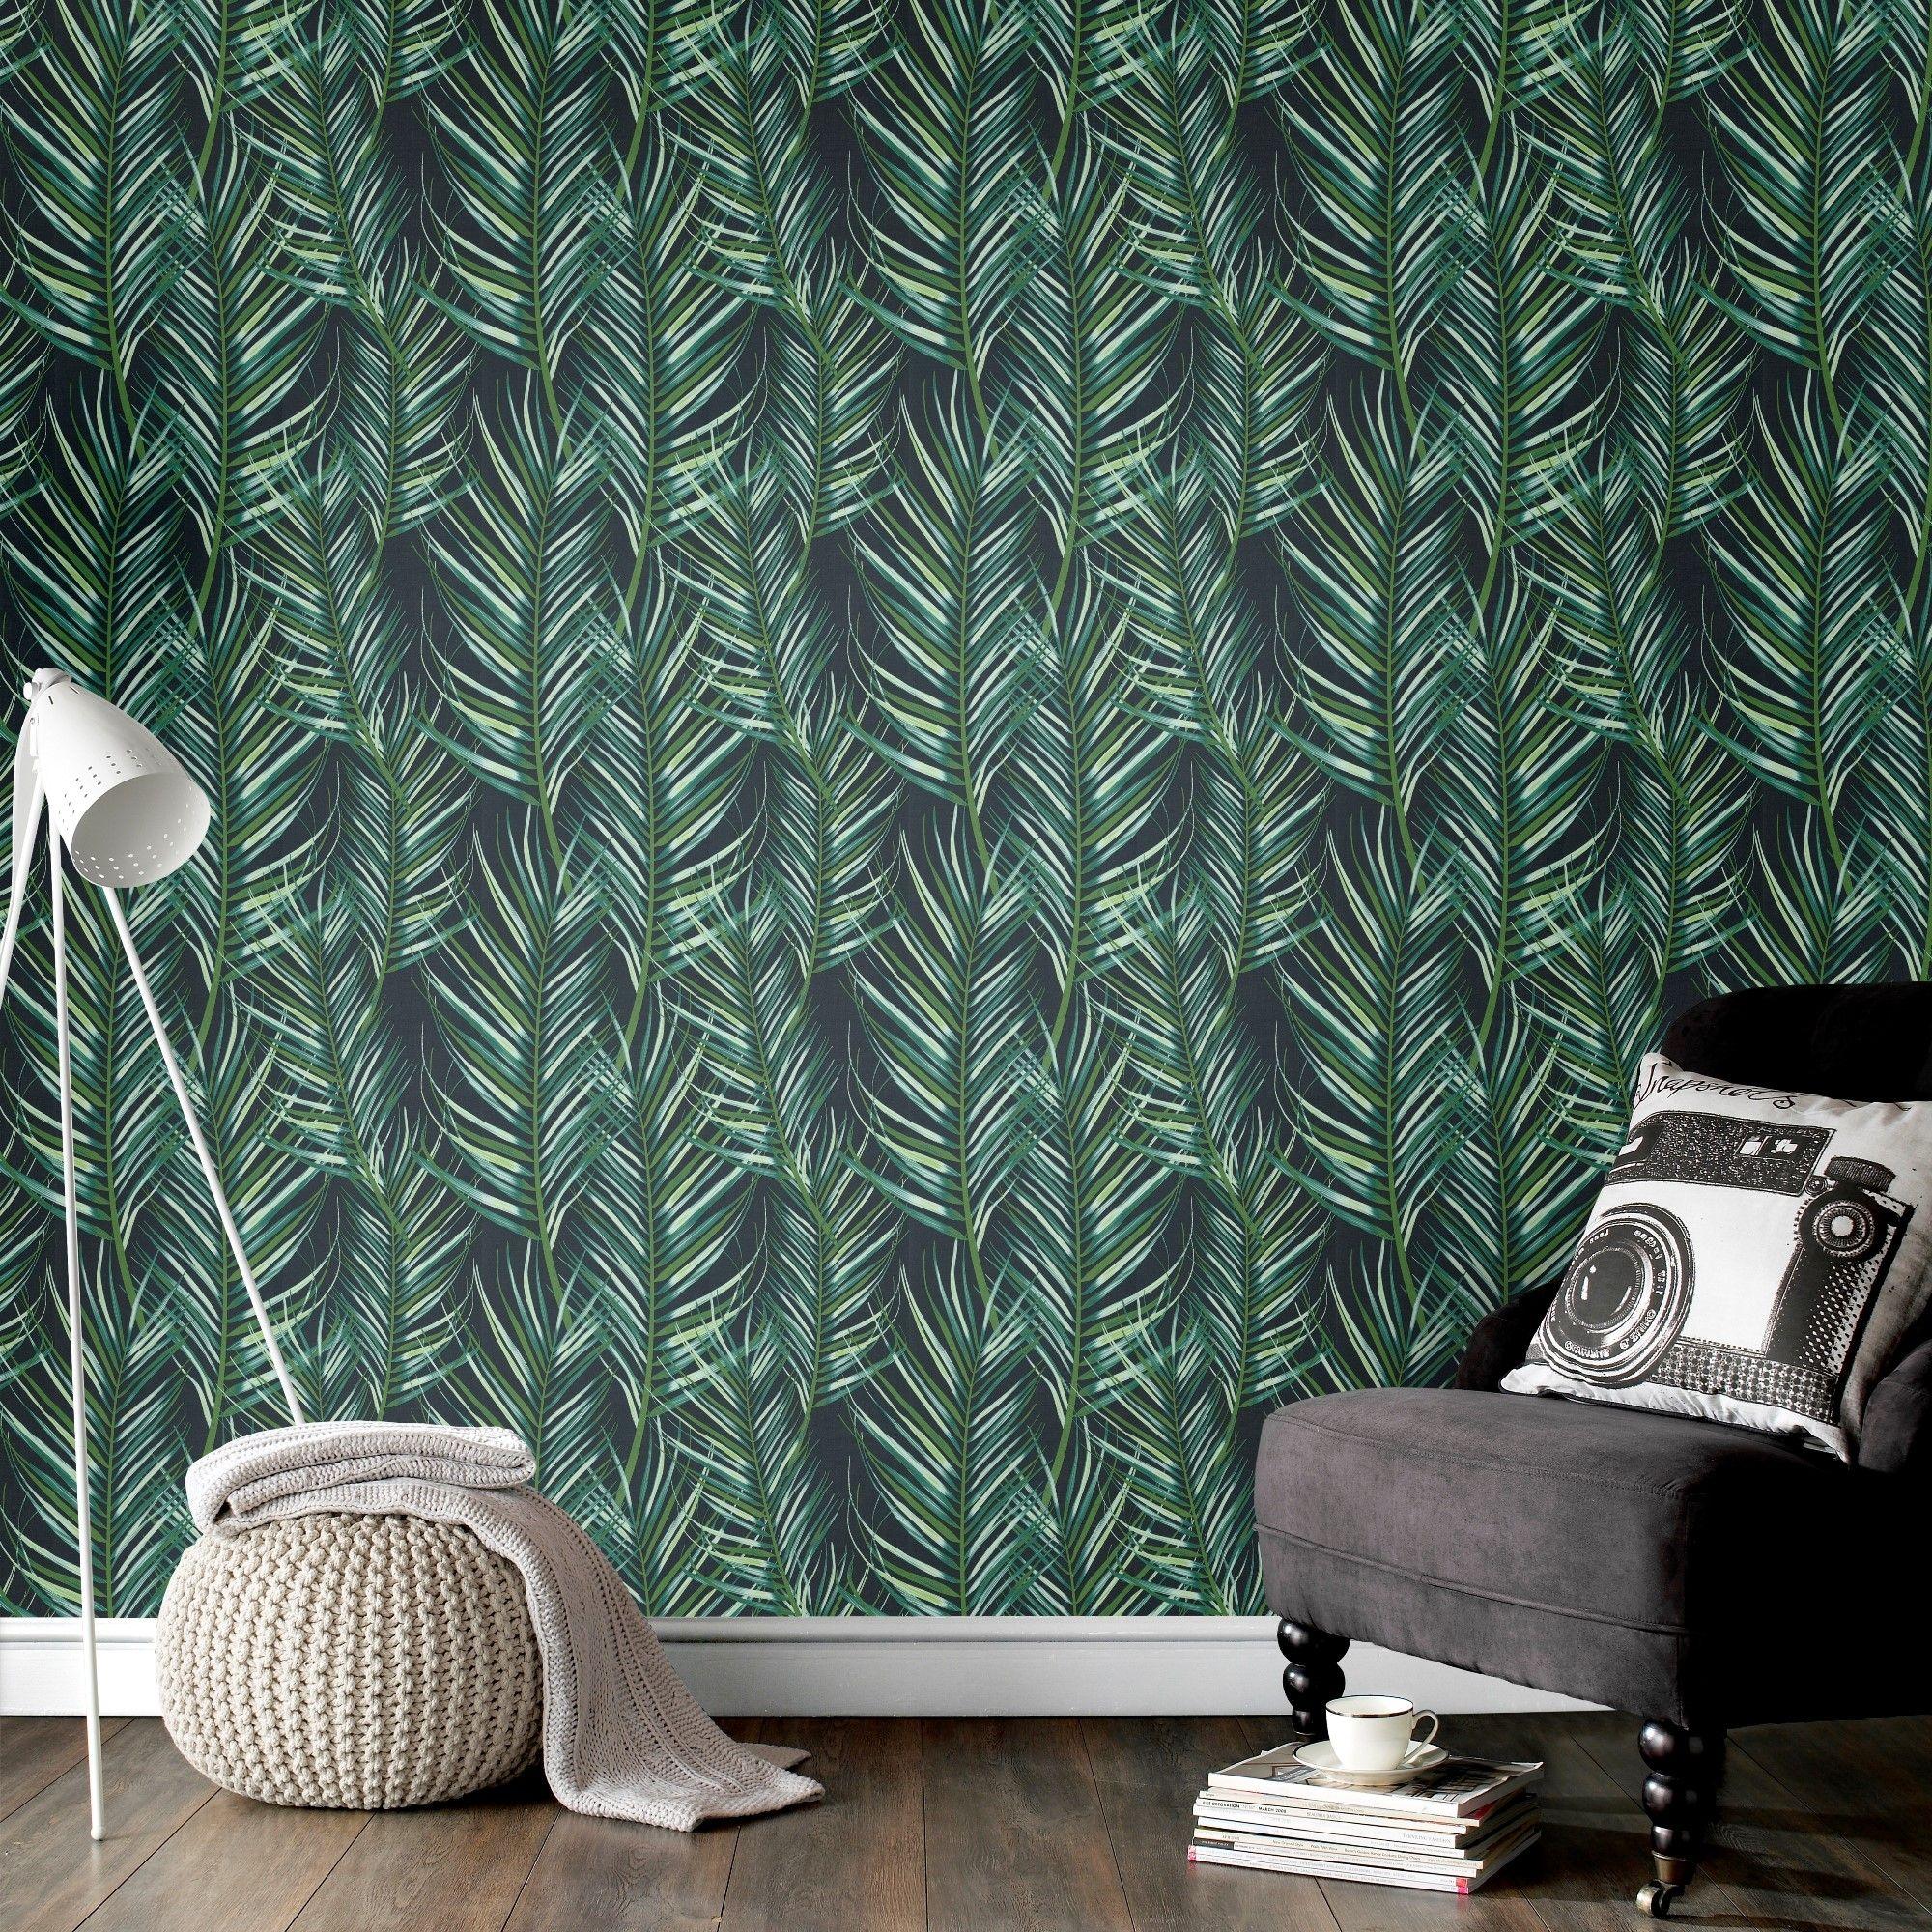 Papier peint intissé entrelac de feuilles de palmier vert 1005x52cm